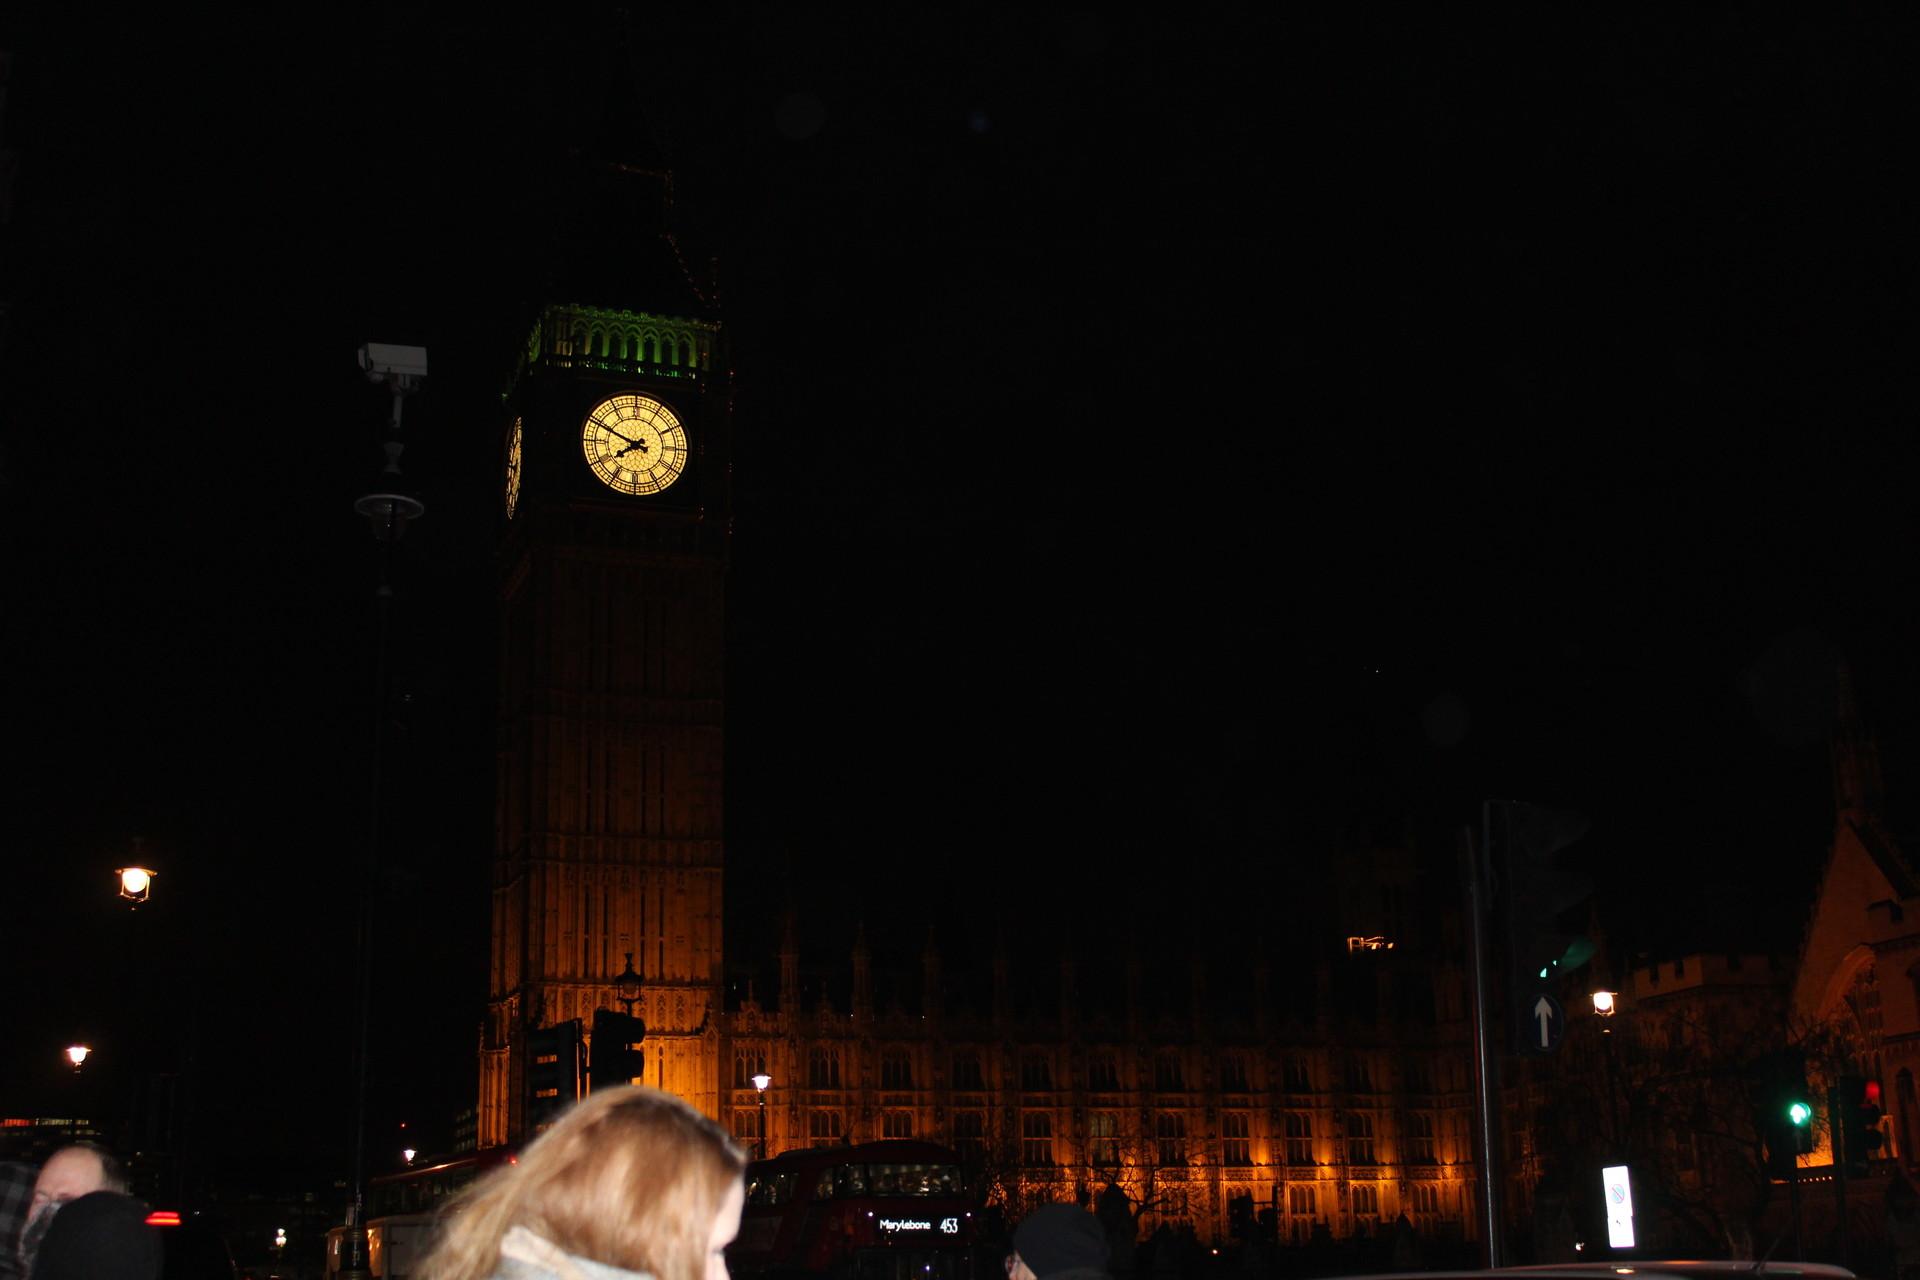 3 giorno a Londra: Il nostro giorno 2x1 e addii che non volevamo accettare.